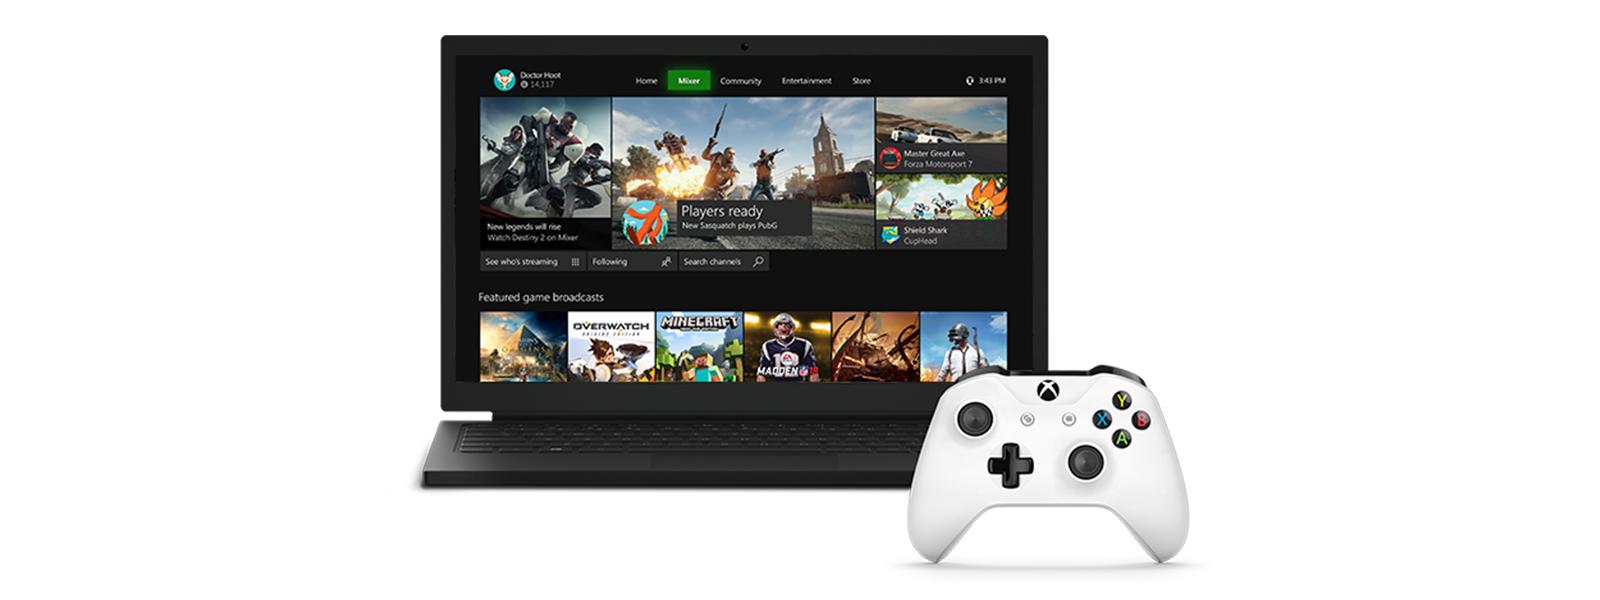 Nové rozhranie platformy Mixer na hranie hier v systéme Windows 10